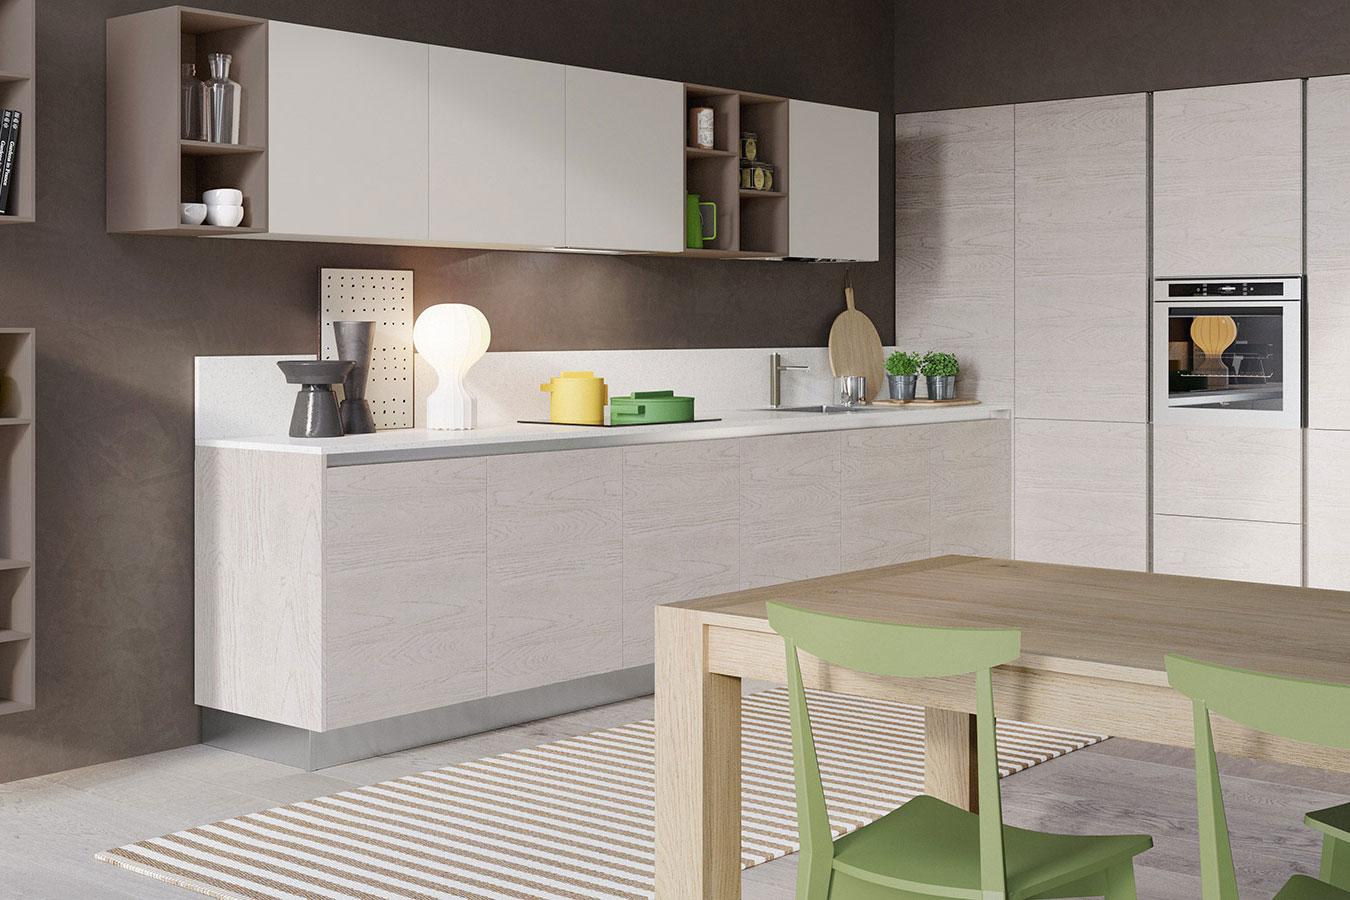 Cucina cloe di arredo3 righetti mobili novara for Complementi arredo cucina